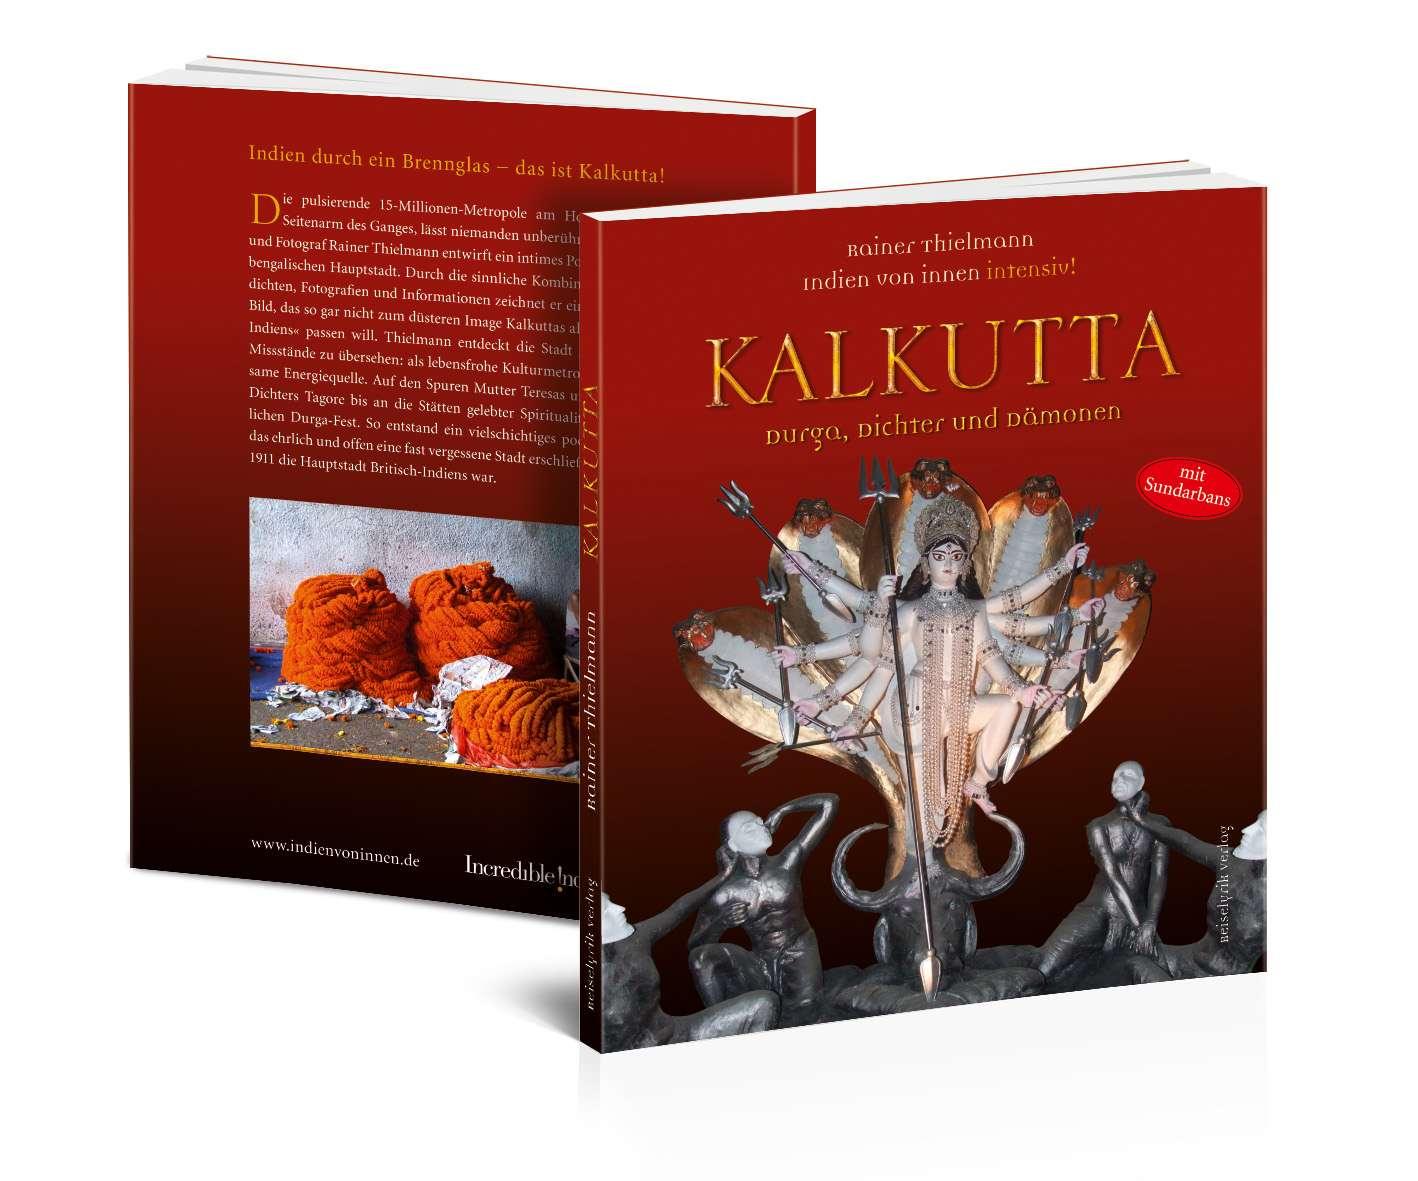 """Multimedia-Lesung im Palais: """"Kalkutta _ Durga, Dichter und Dämonen"""" von Rainer Thilemann"""